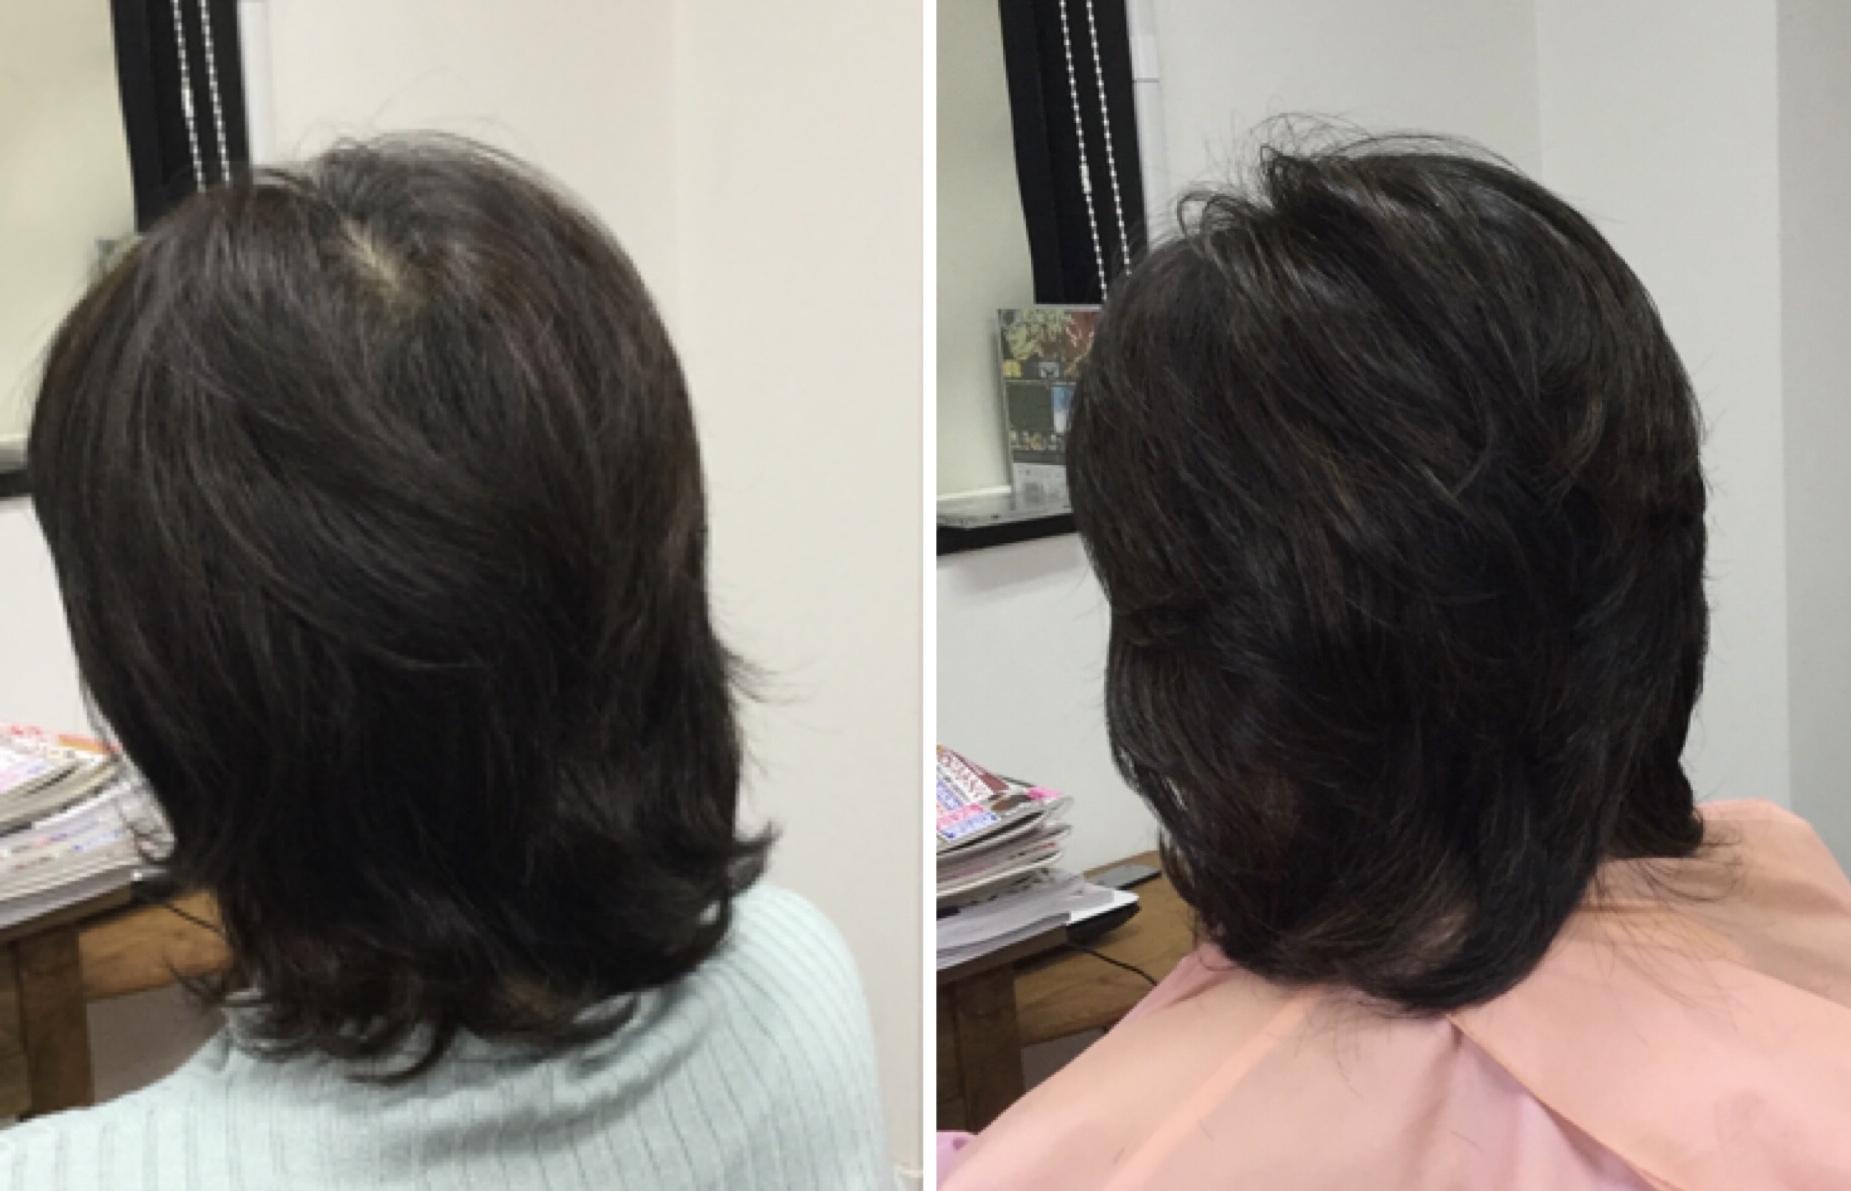 50代ツムジの割れをカバーする【くせ毛対応カット】の美容室アバディ